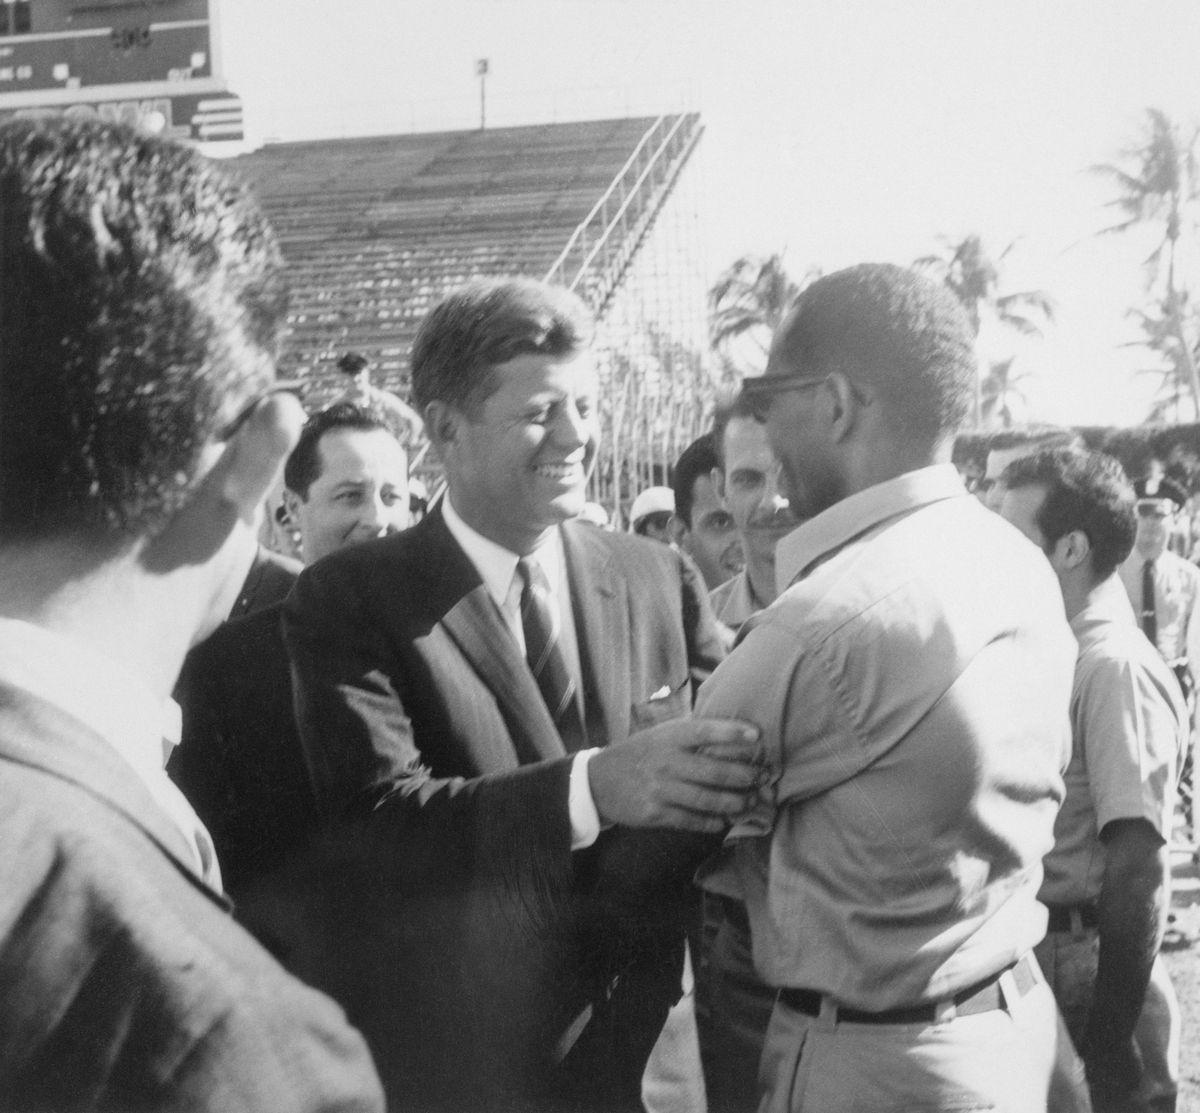 John Kennedy Receiving an Embrace